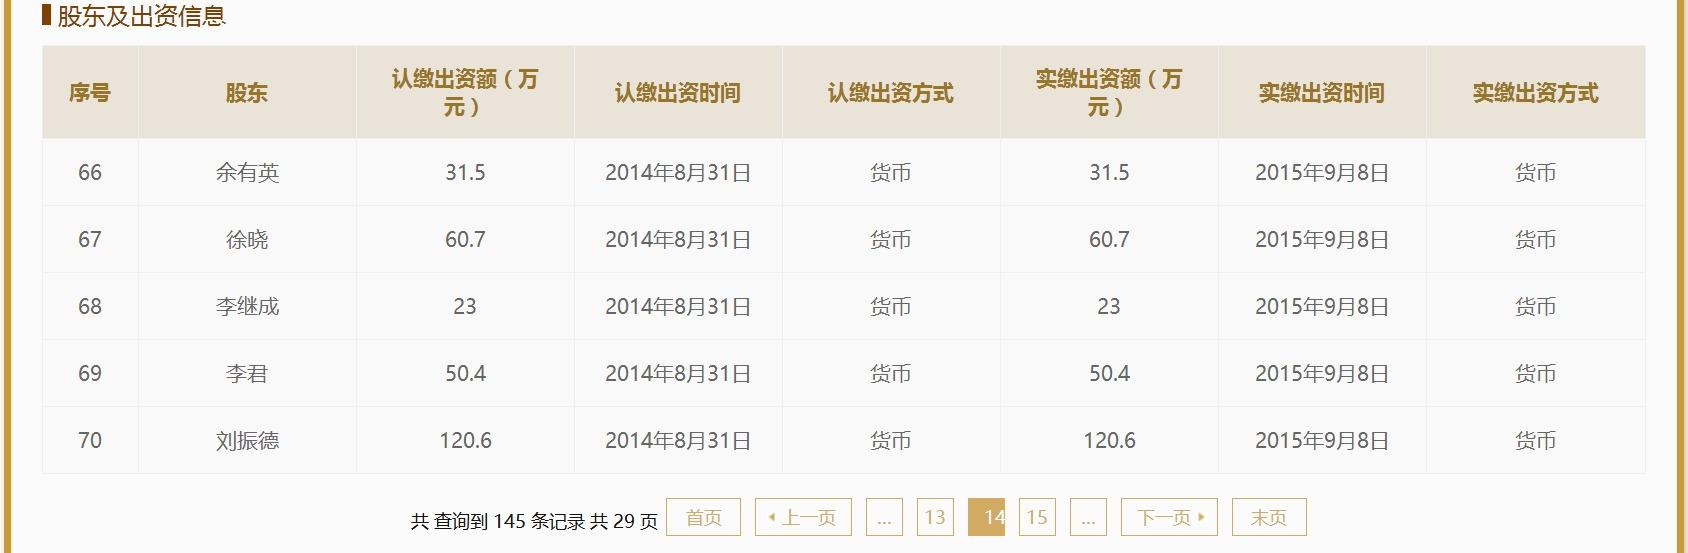 陜西漢中南鄭區農商行黑幕被揭:安監局長李繼成突擊入股